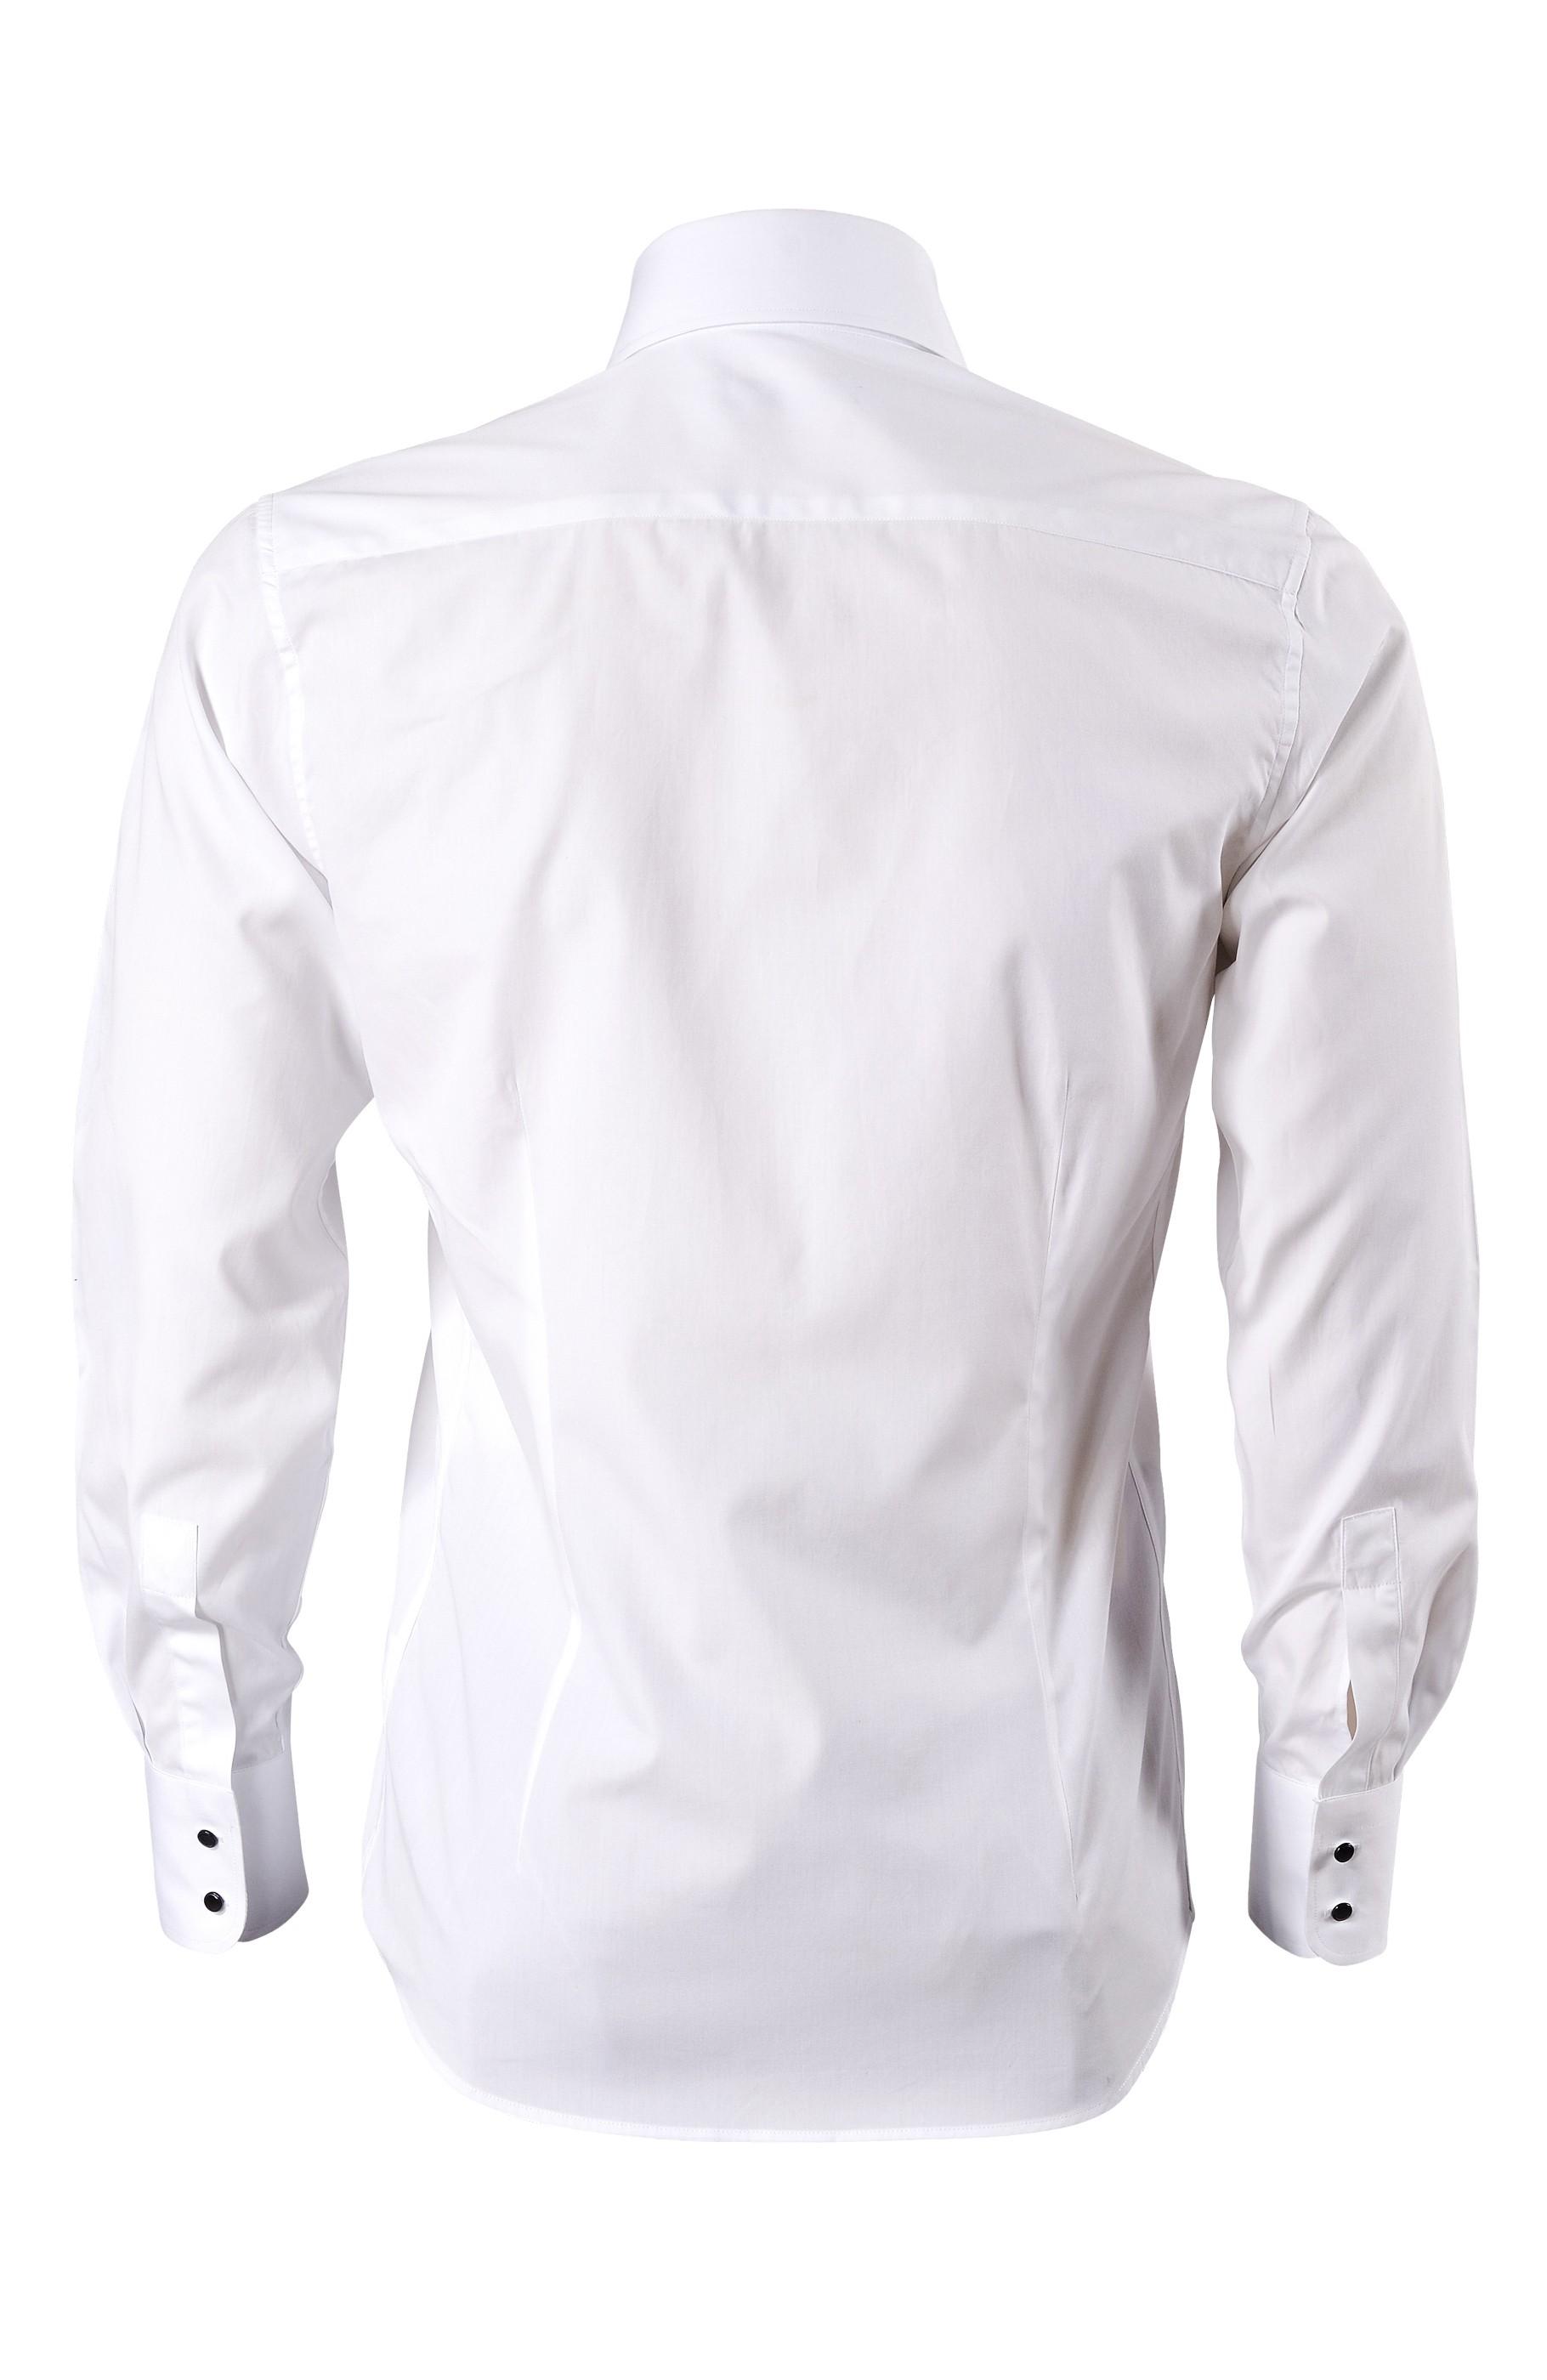 Majesté Couture Paris: WHITE ÉLITE SHIRT | Clothing,Clothing > Shirts -  Hiphunters Shop